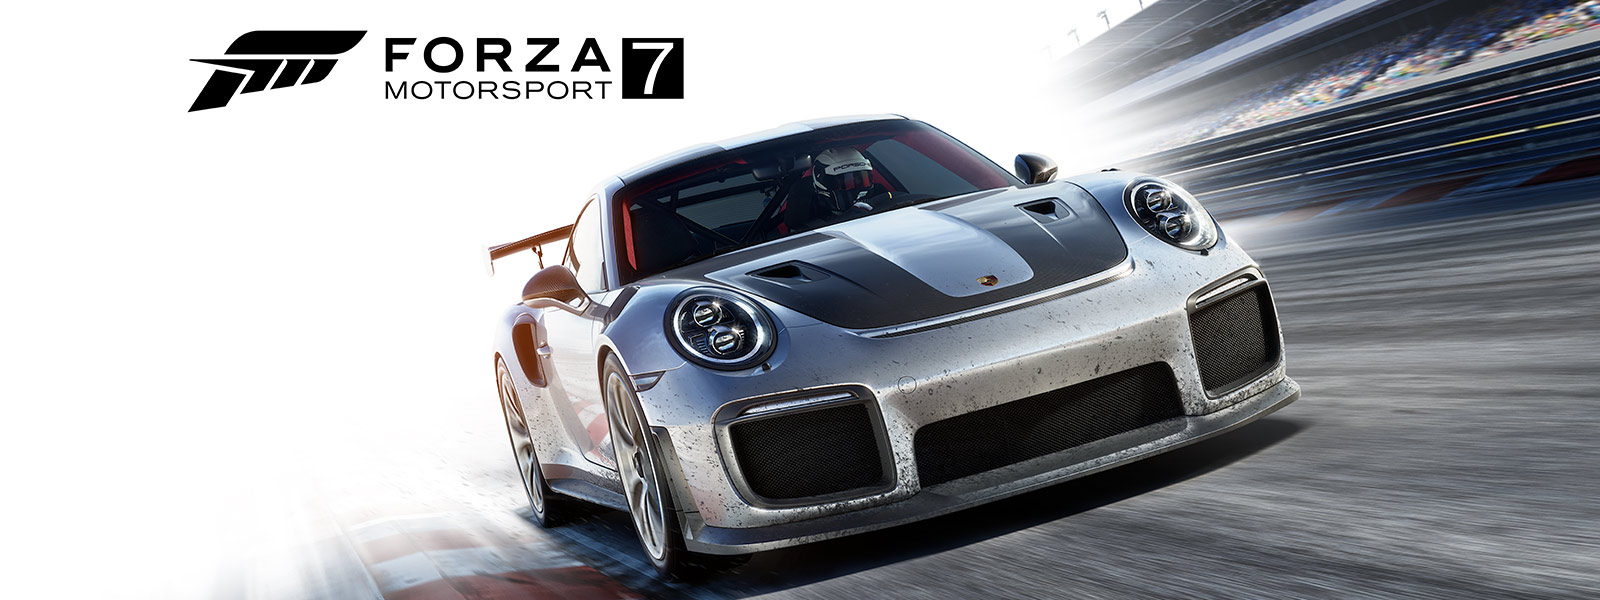 Forza 7 Hero